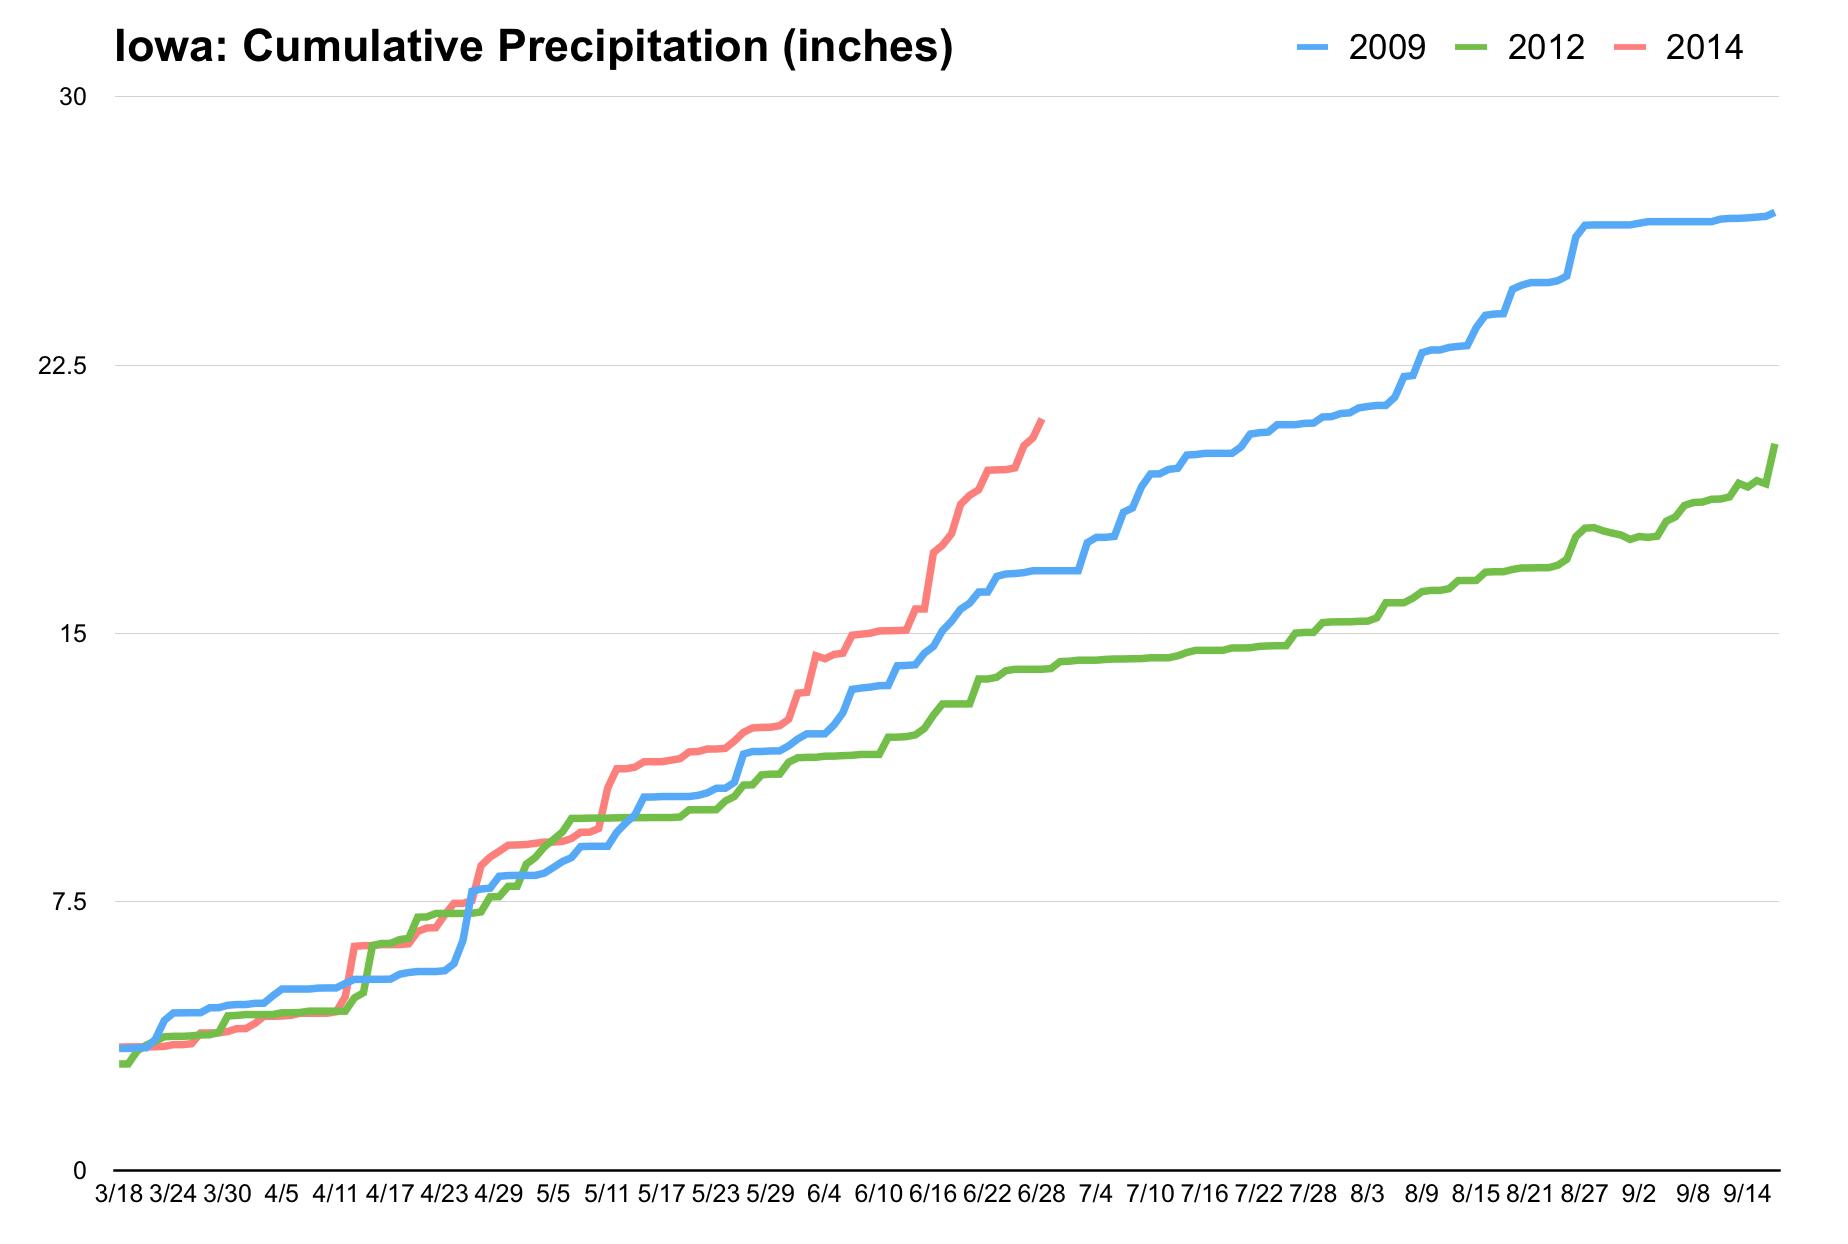 Iowa: Cumulative Precipitation